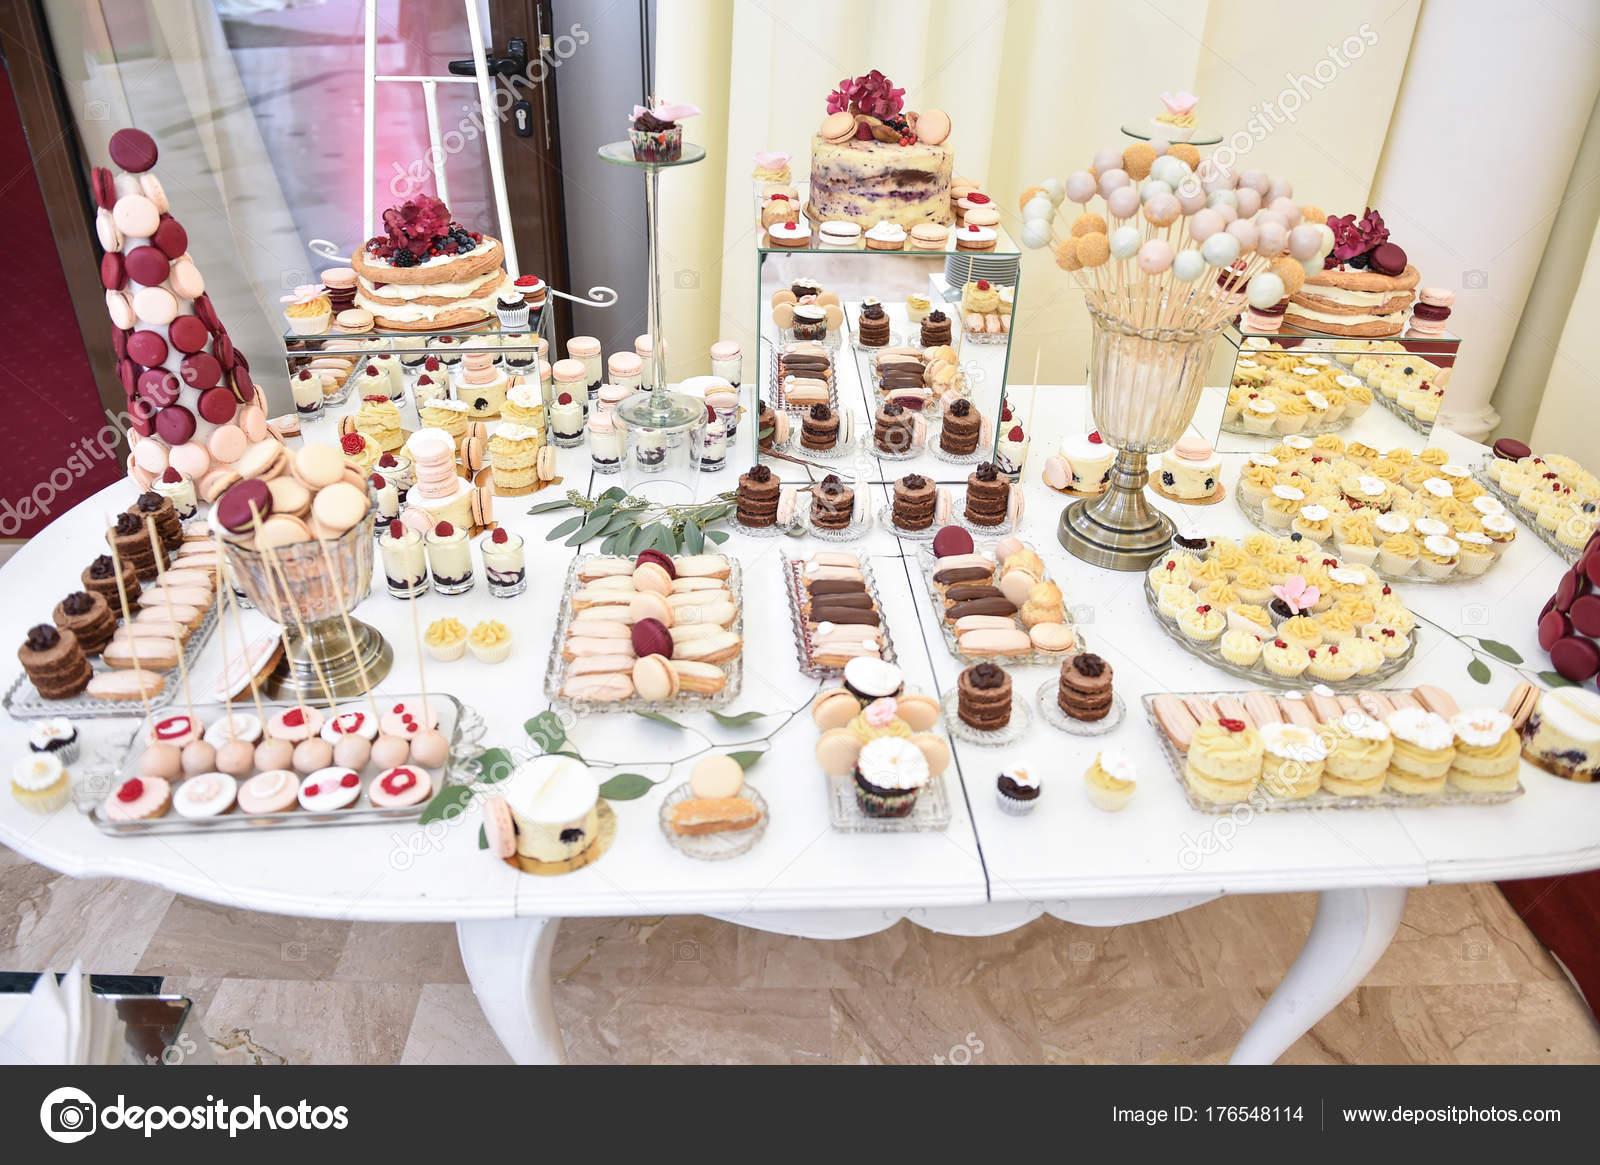 Hochzeit Dekoration Mit Pastell Farbigen Cupcakes Meringues Muffins